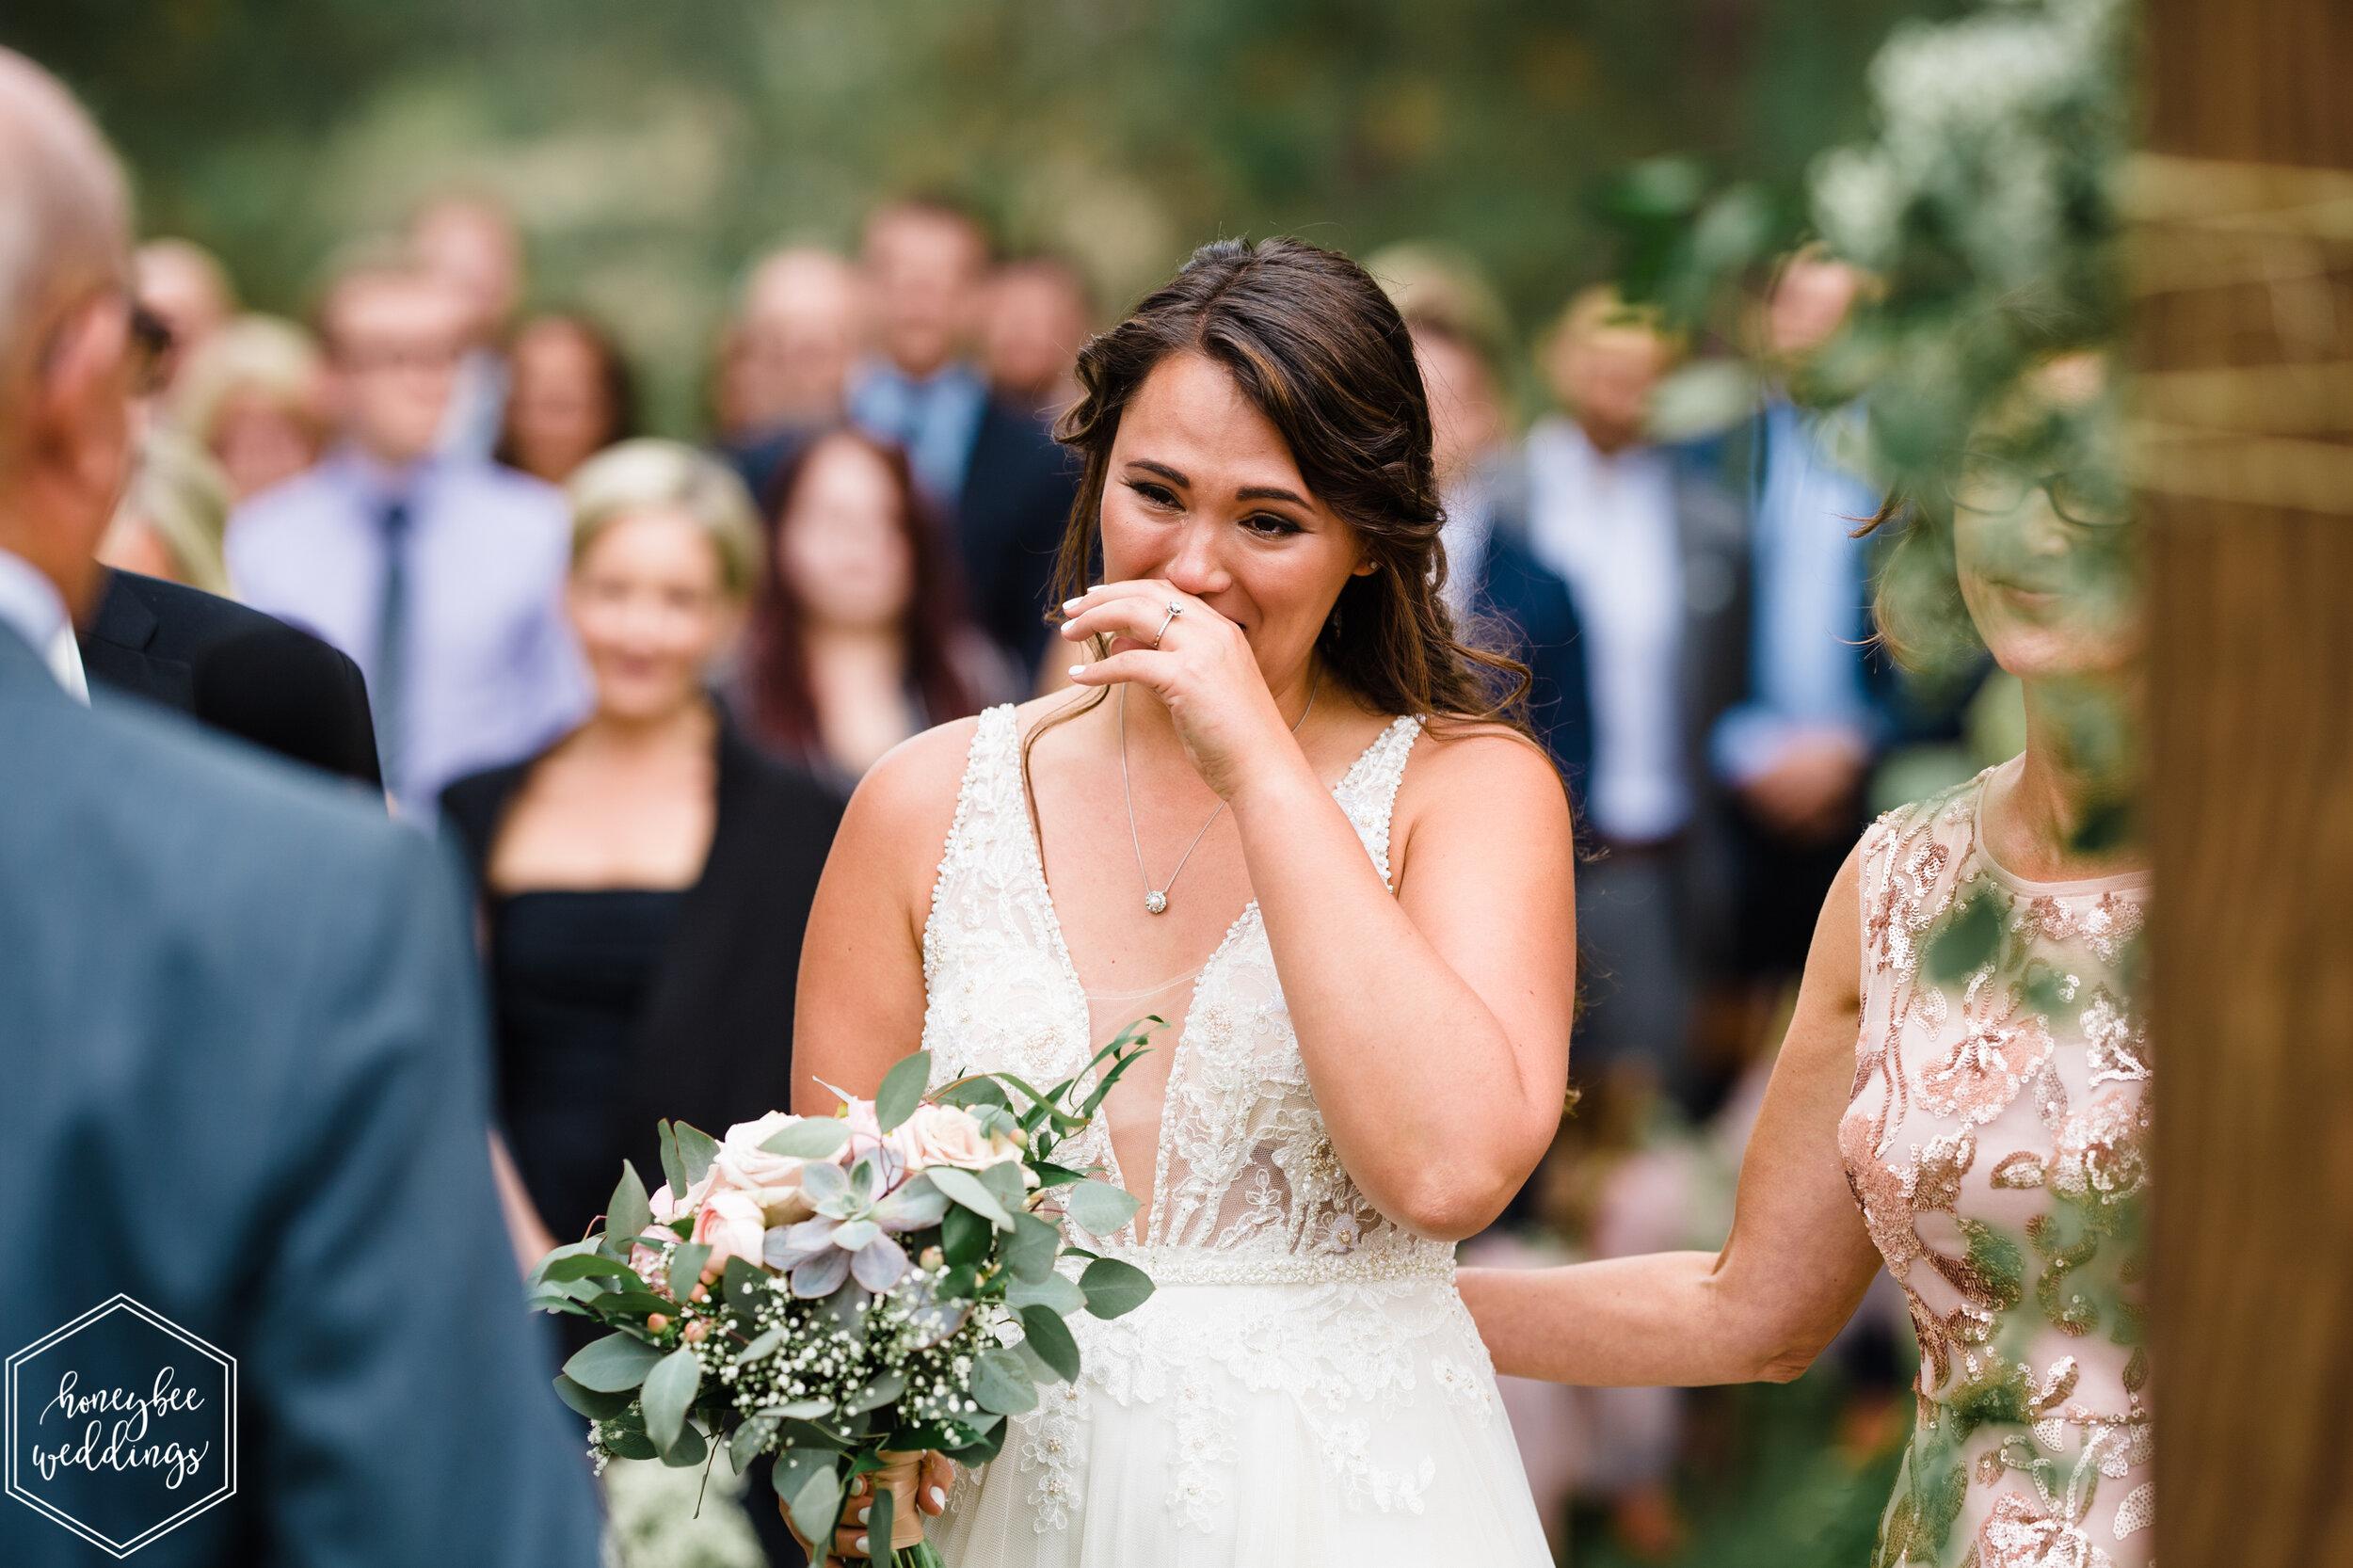 055White Raven Wedding_Montana Wedding Photographer_Corey & Corey_Honeybee Weddings_September 06, 2019-2242.jpg